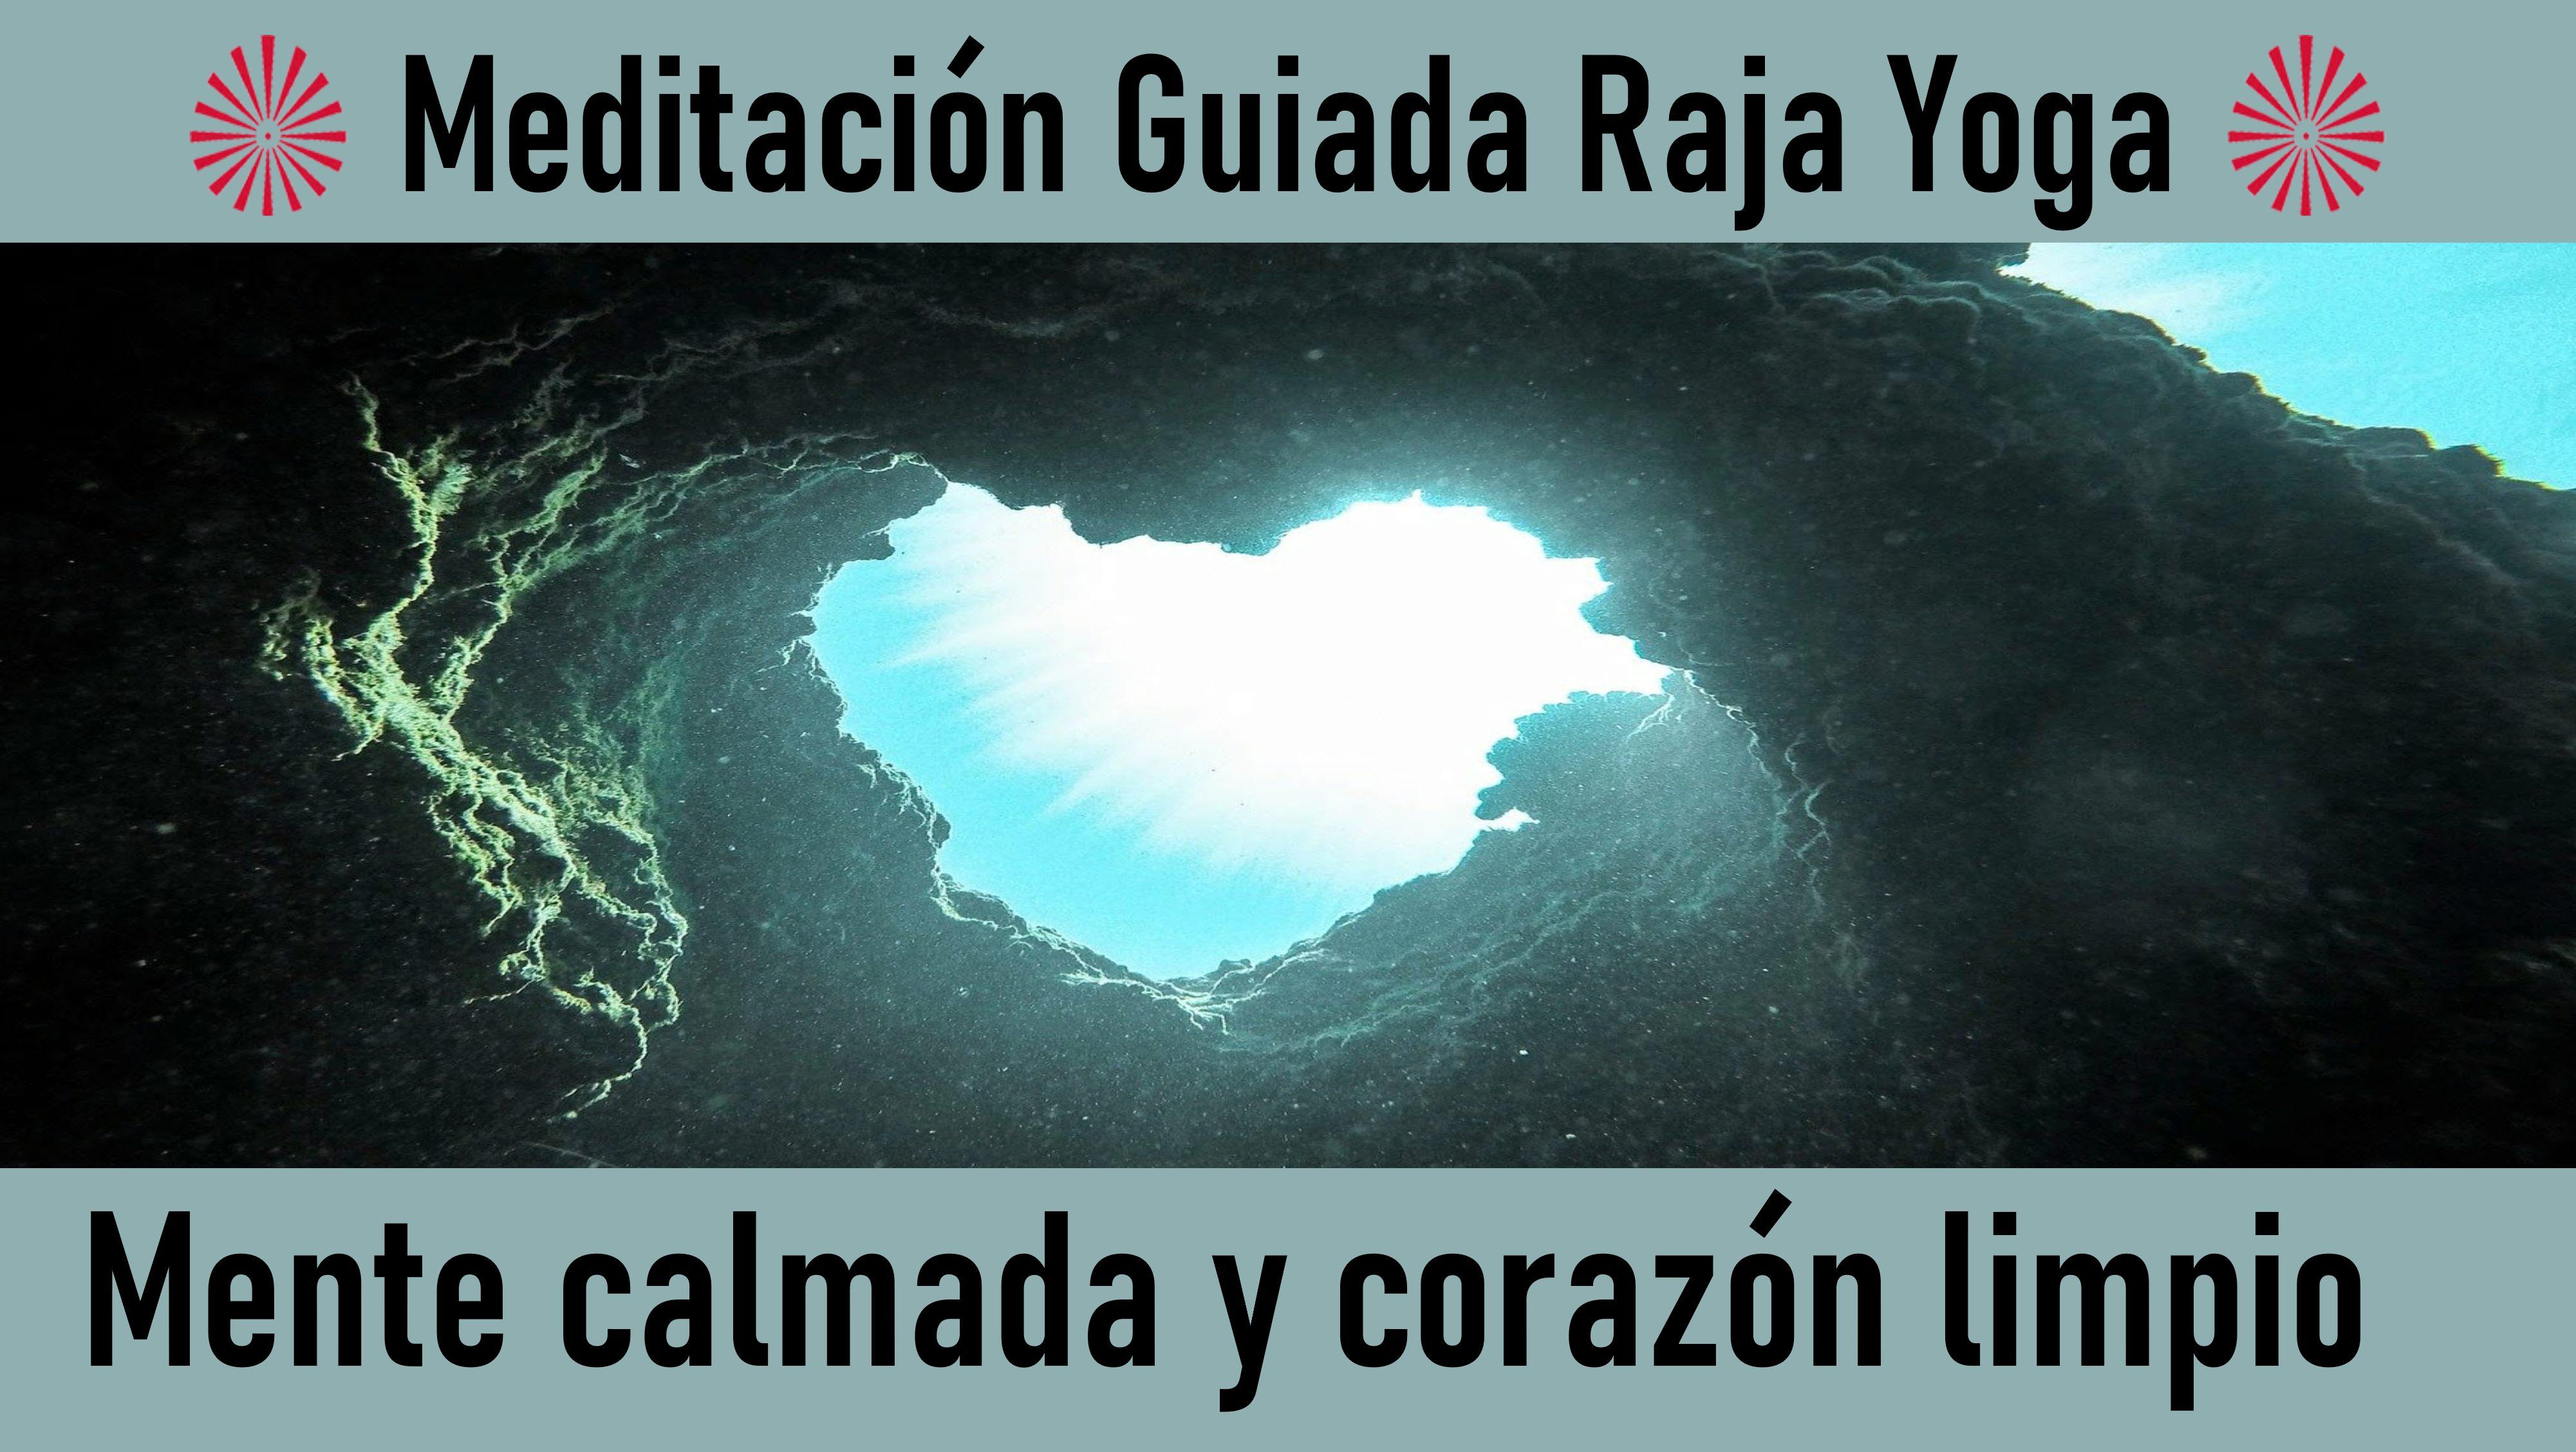 27 Mayo 2020 Meditación Guiada: Mente calmada y corazón limpio